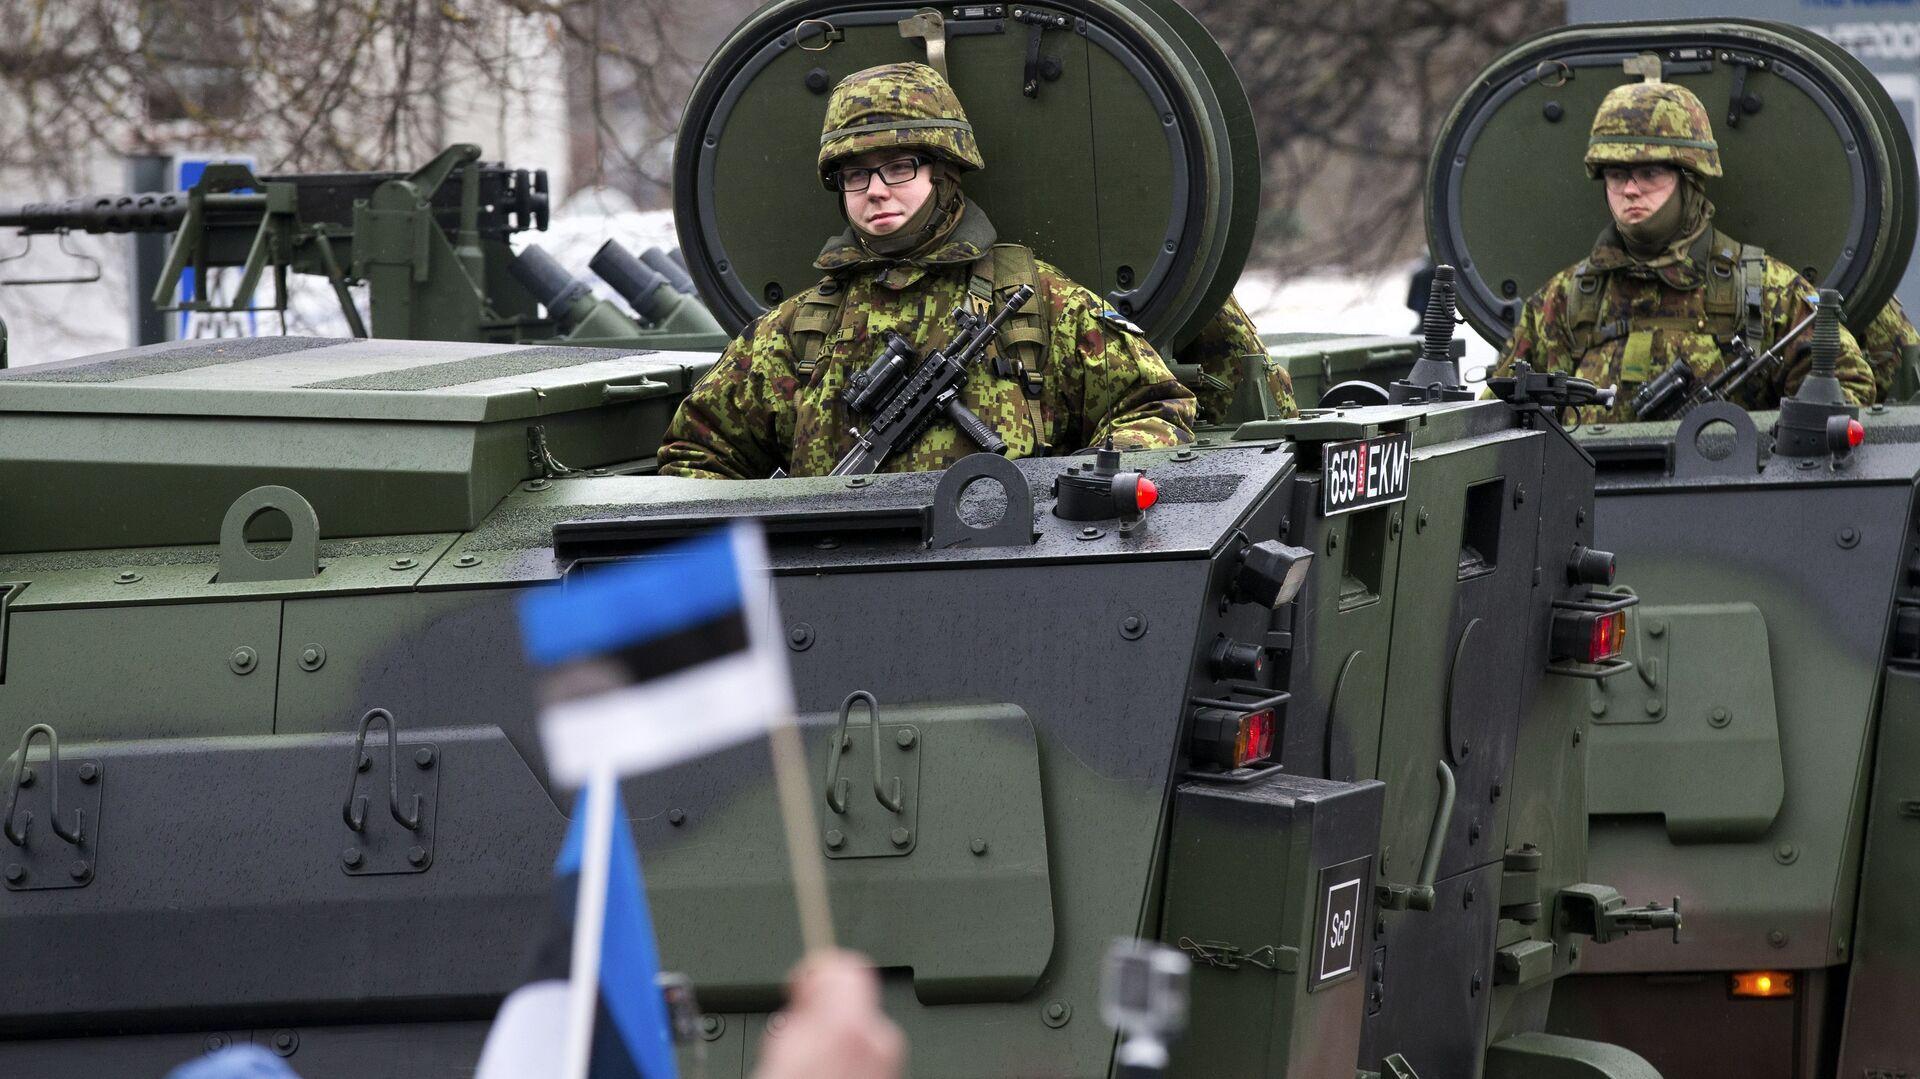 Парад эстонских войск в Нарве в день независимости Эстонии - РИА Новости, 1920, 07.03.2021